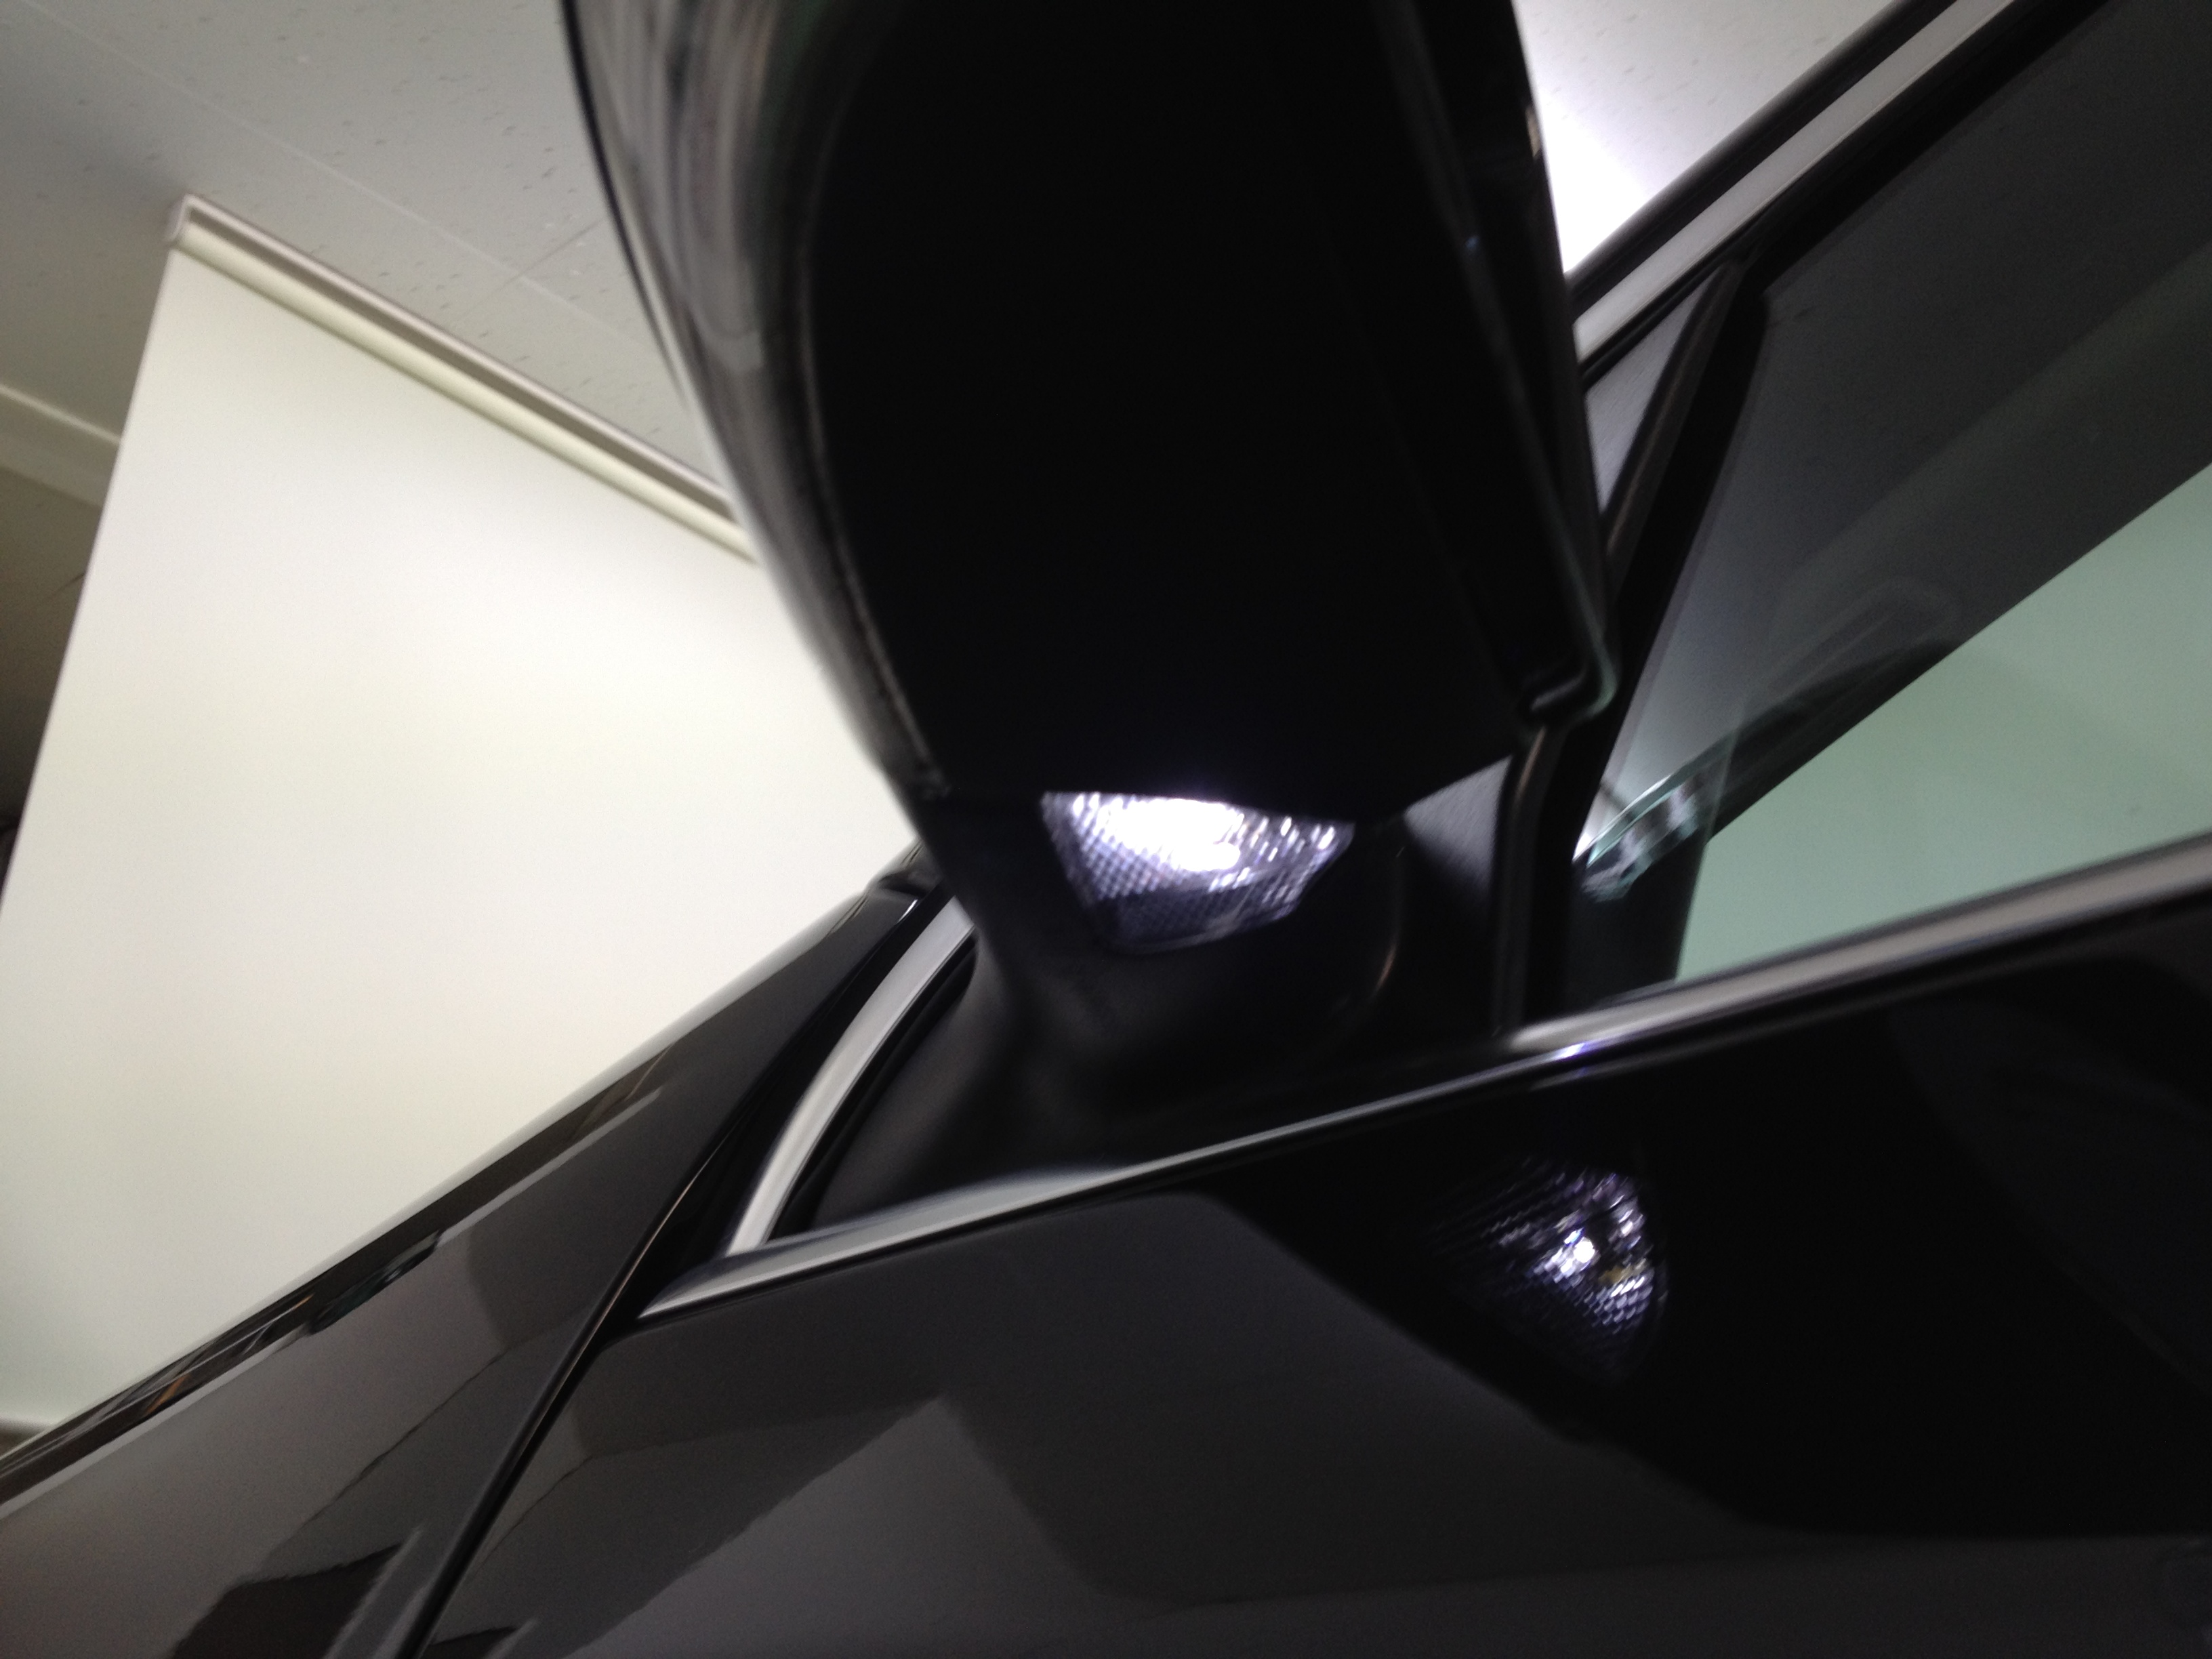 VWフォルクスワーゲン・ウェルカムランプLED化